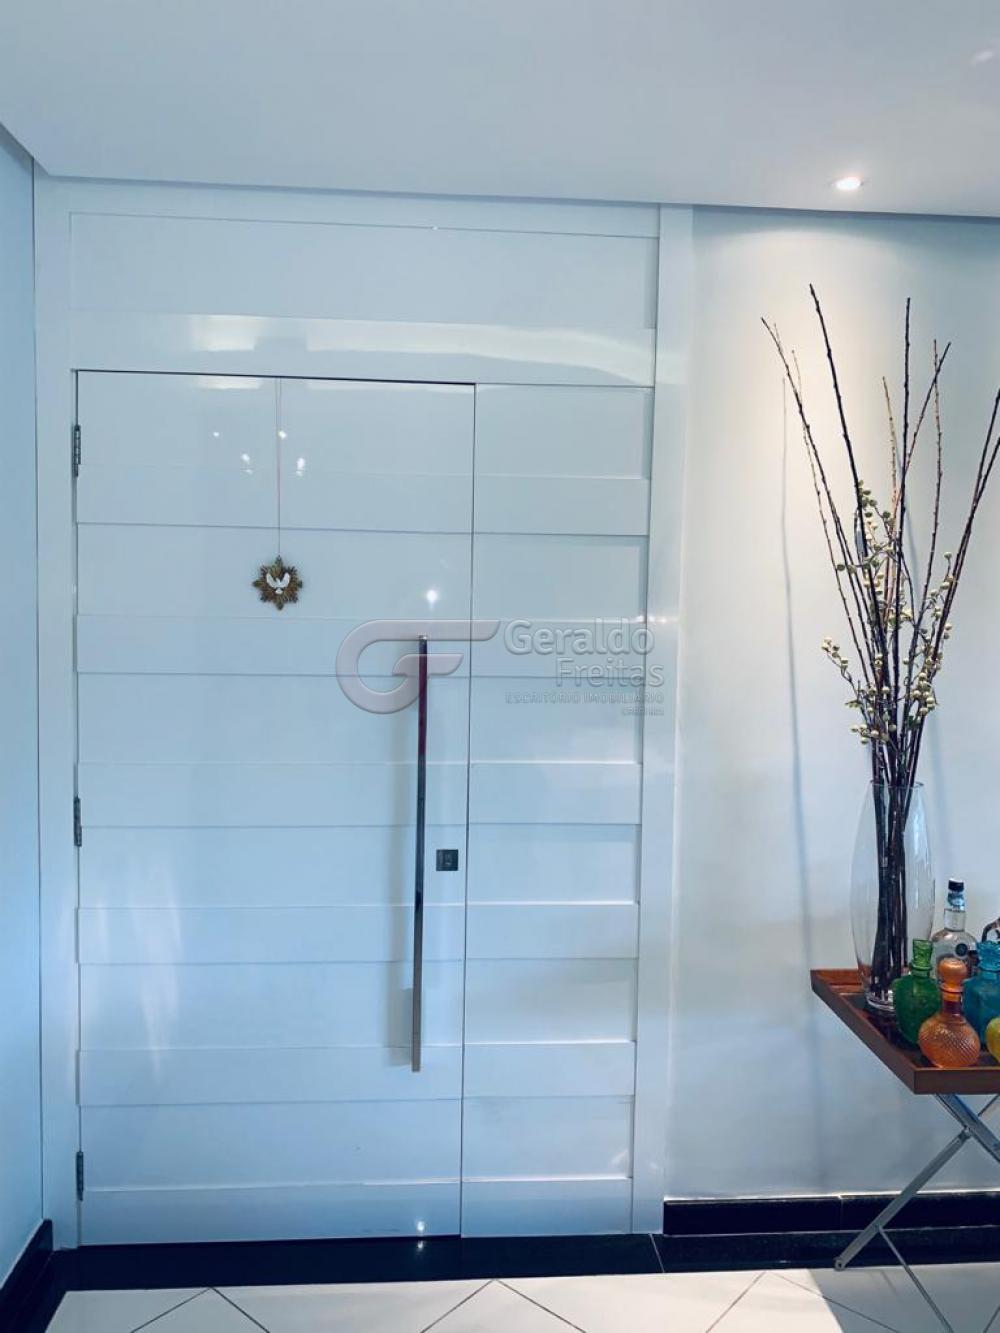 Comprar Apartamentos / Beira Mar em Maceió apenas R$ 1.200.000,00 - Foto 5